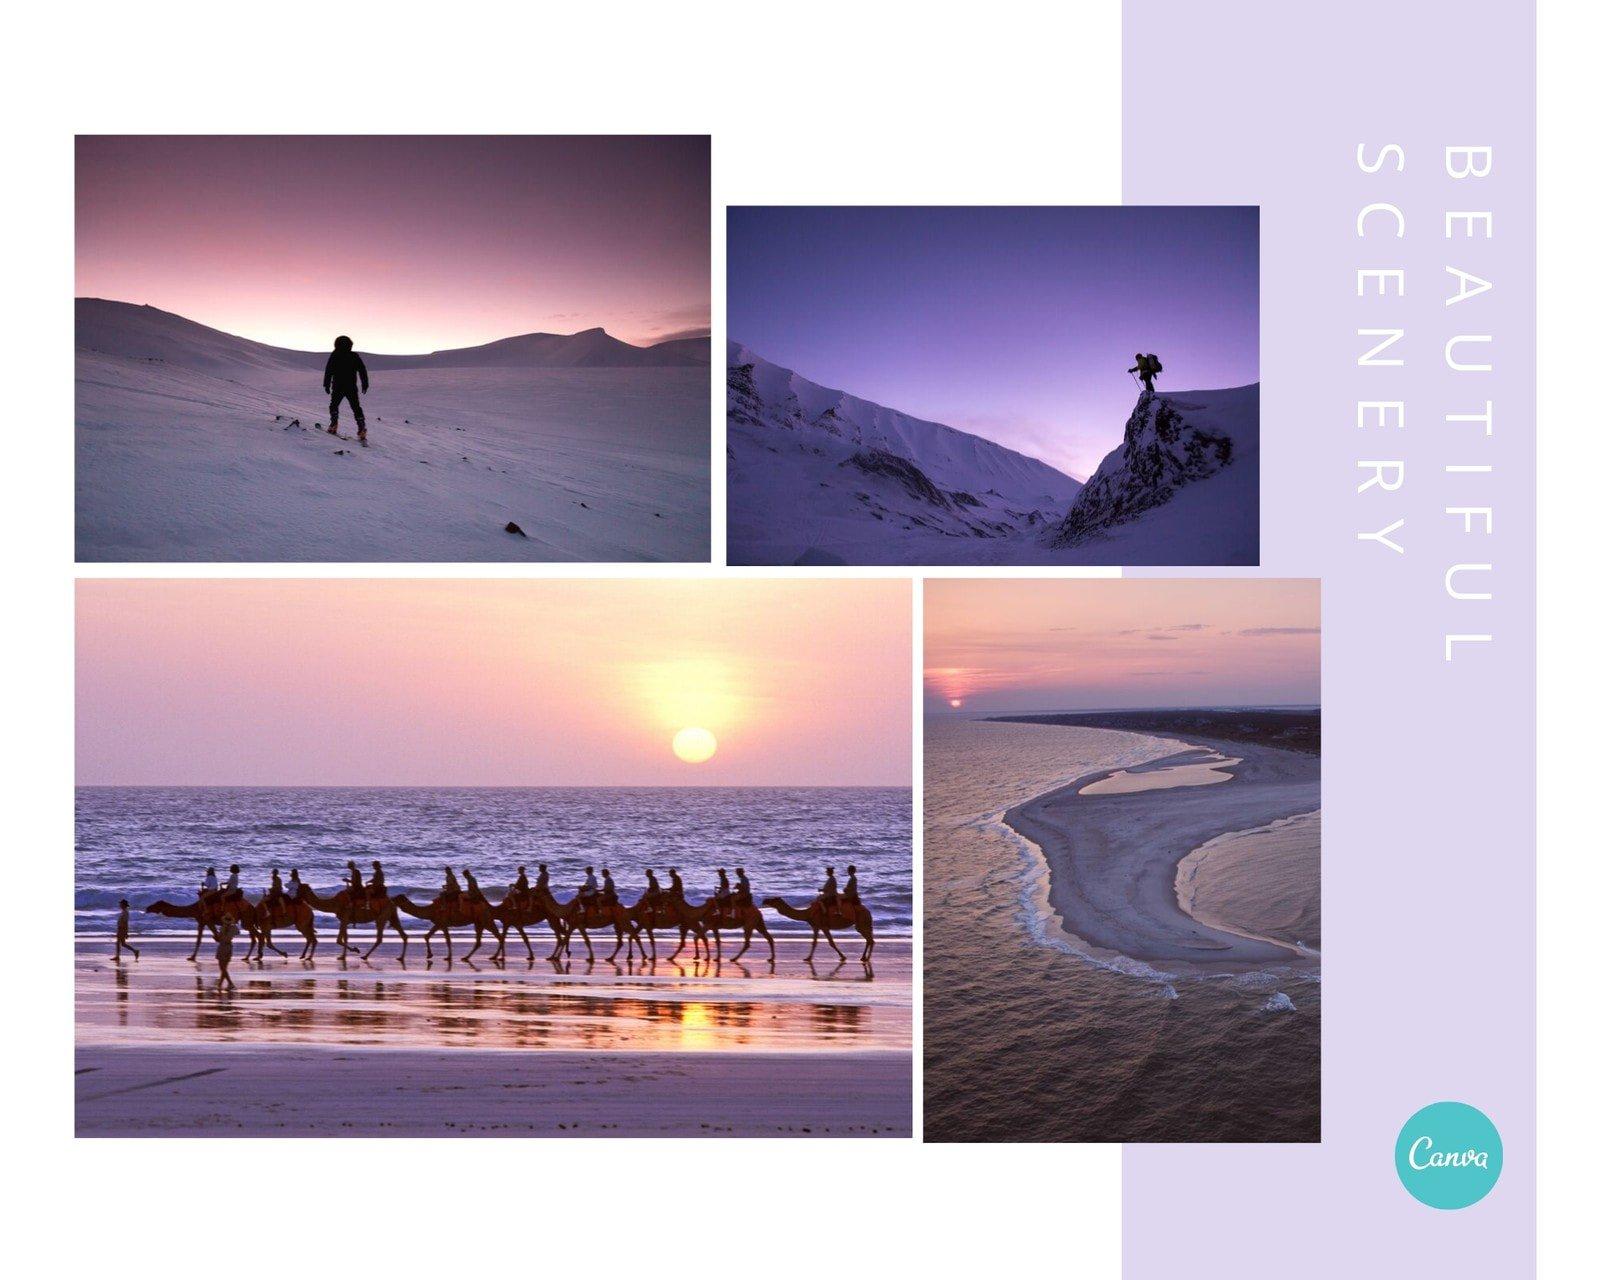 紫色风景简洁旅游分享英文拼图